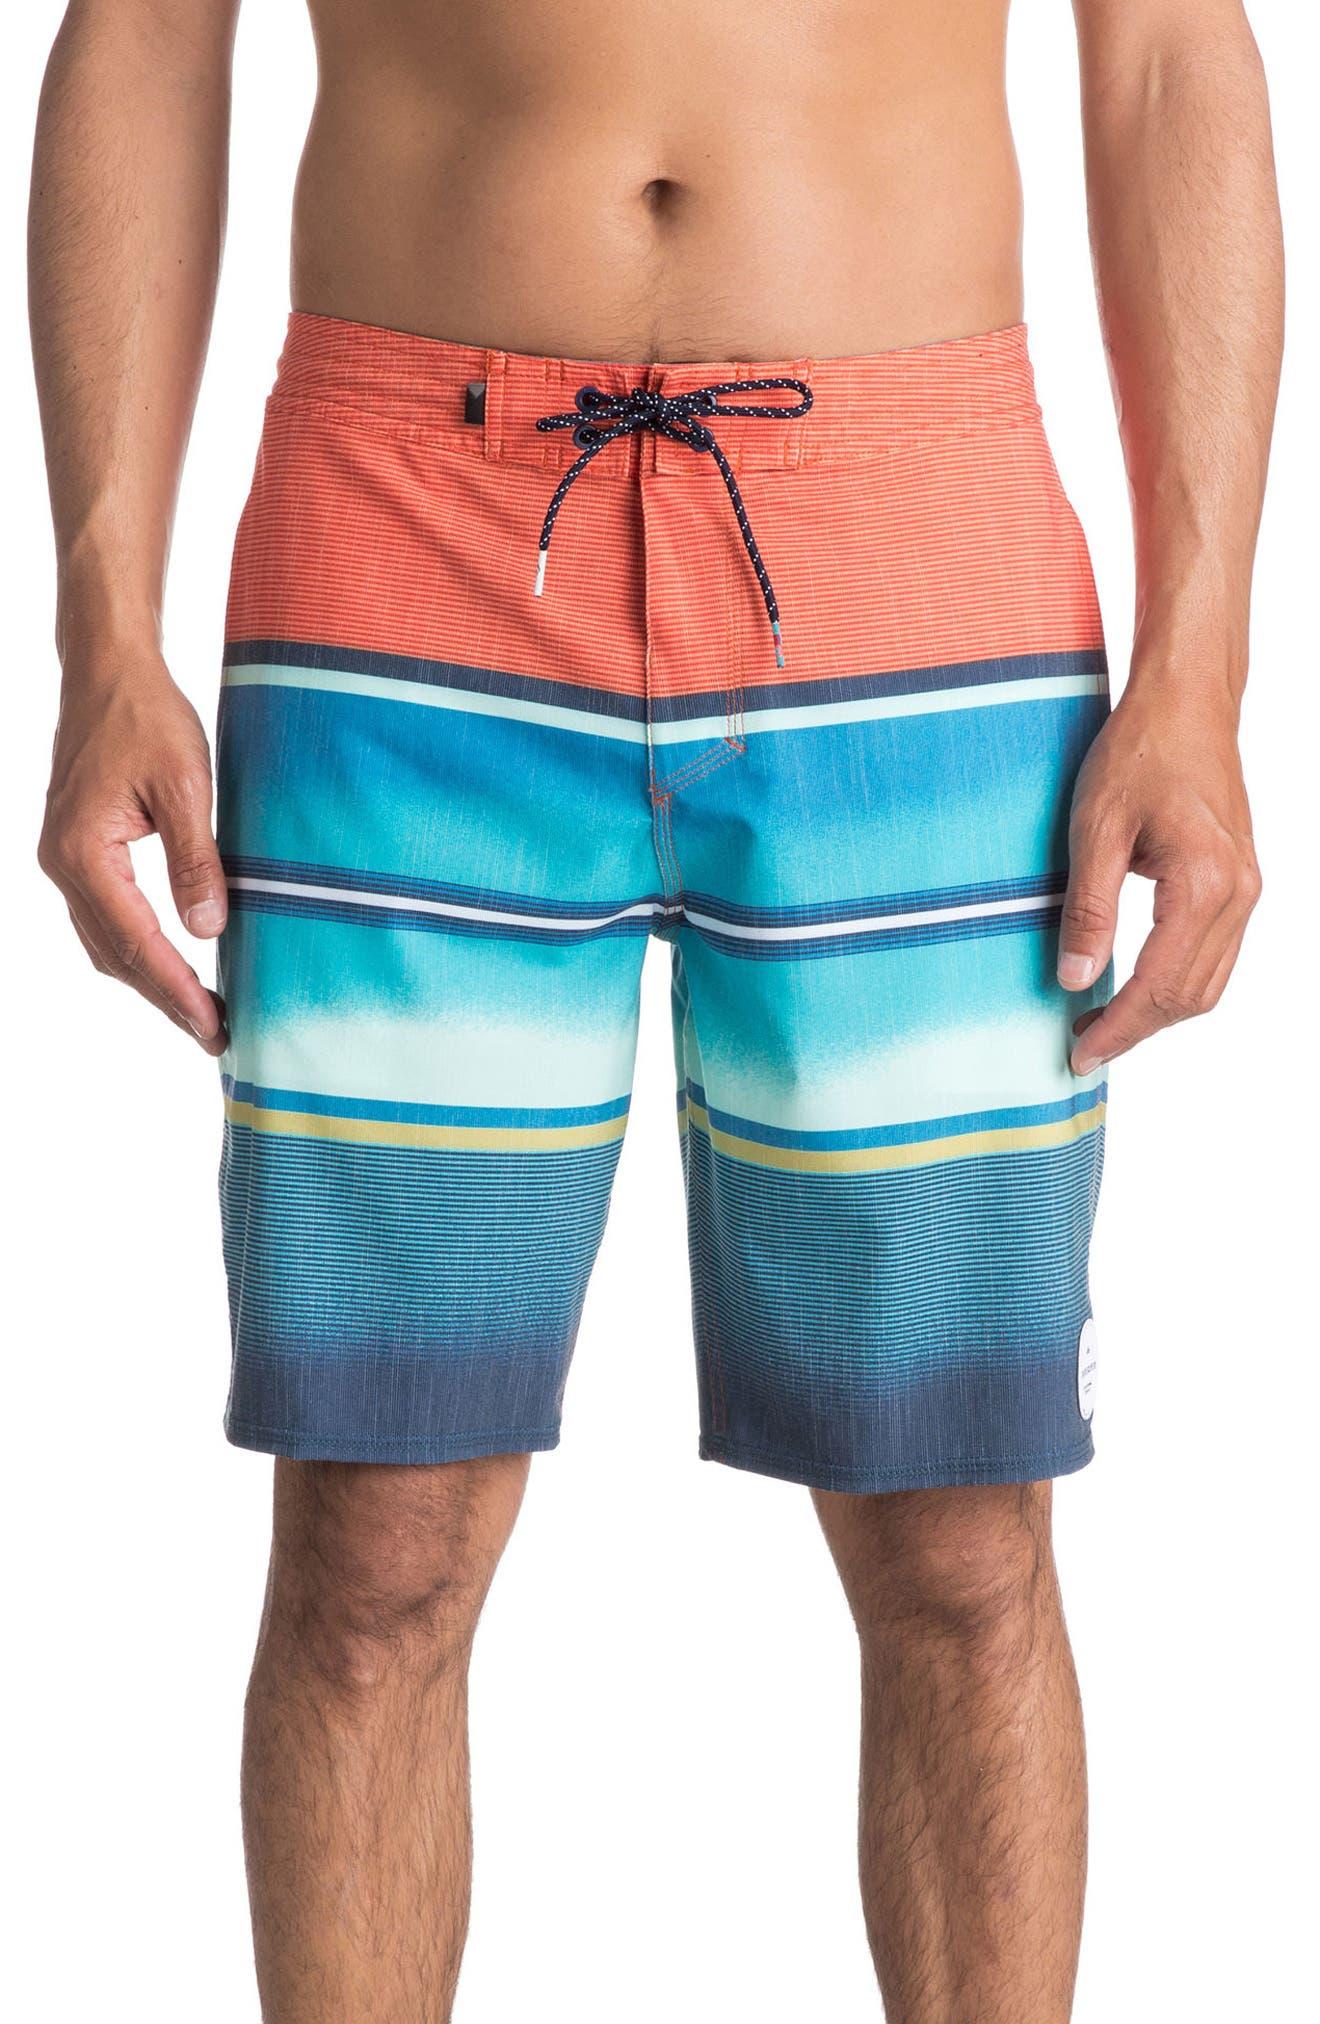 Swell Vision Board Shorts,                             Main thumbnail 1, color,                             Coral Rose